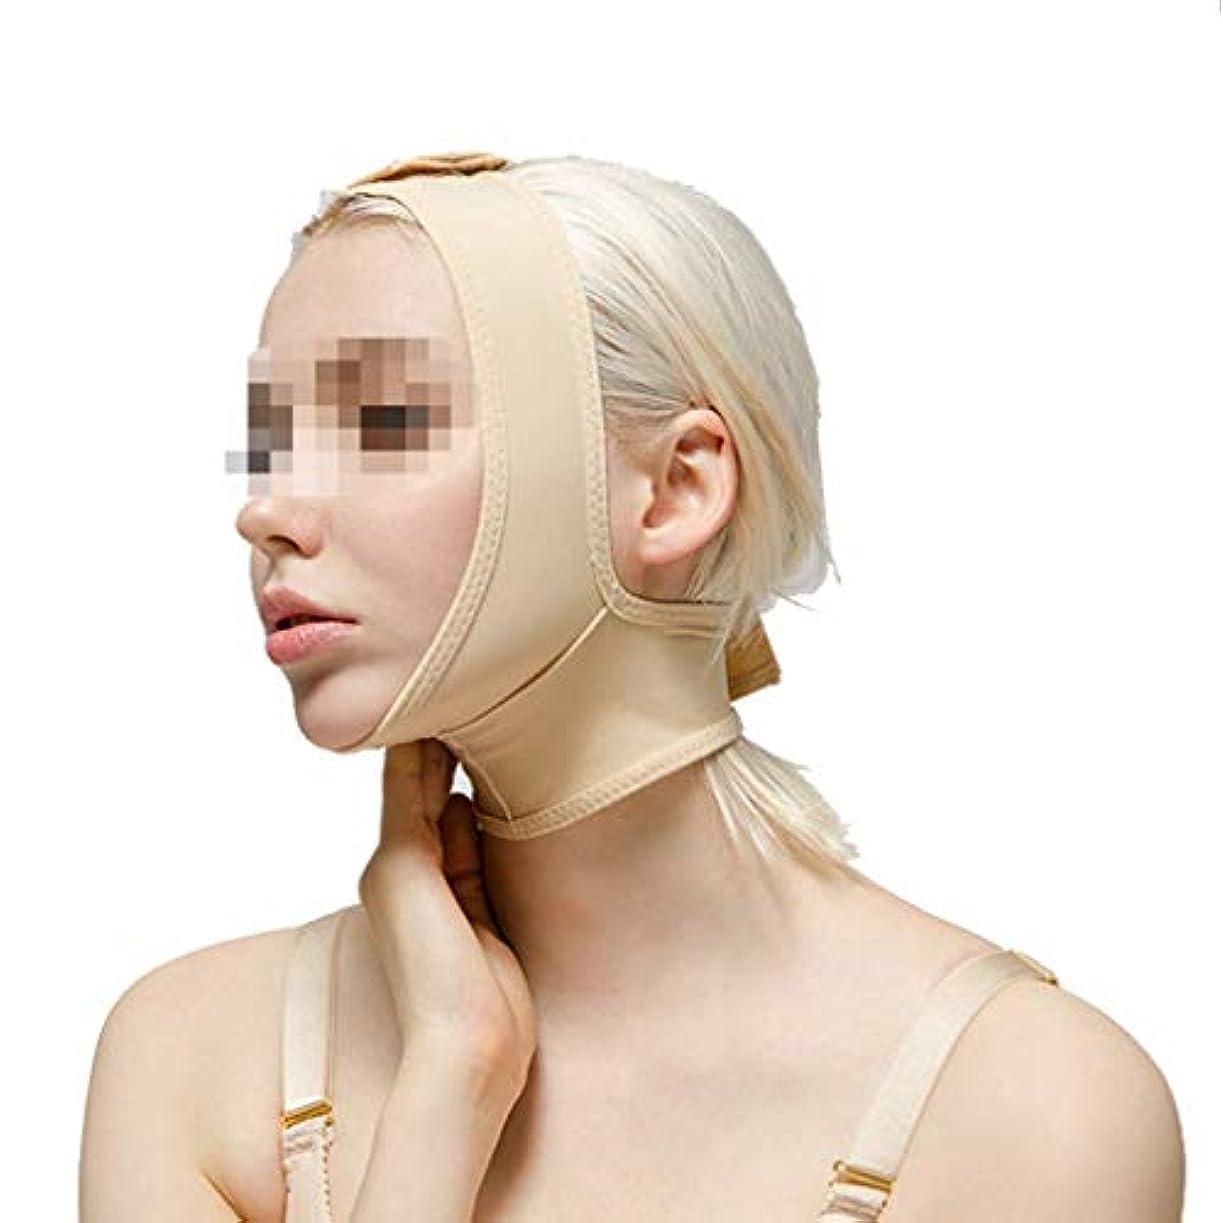 プレミアム気を散らす体術後伸縮性スリーブ、下顎束フェイスバンデージフェイシャルビームダブルチンシンフェイスマスクマルチサイズオプション(サイズ:L),XL